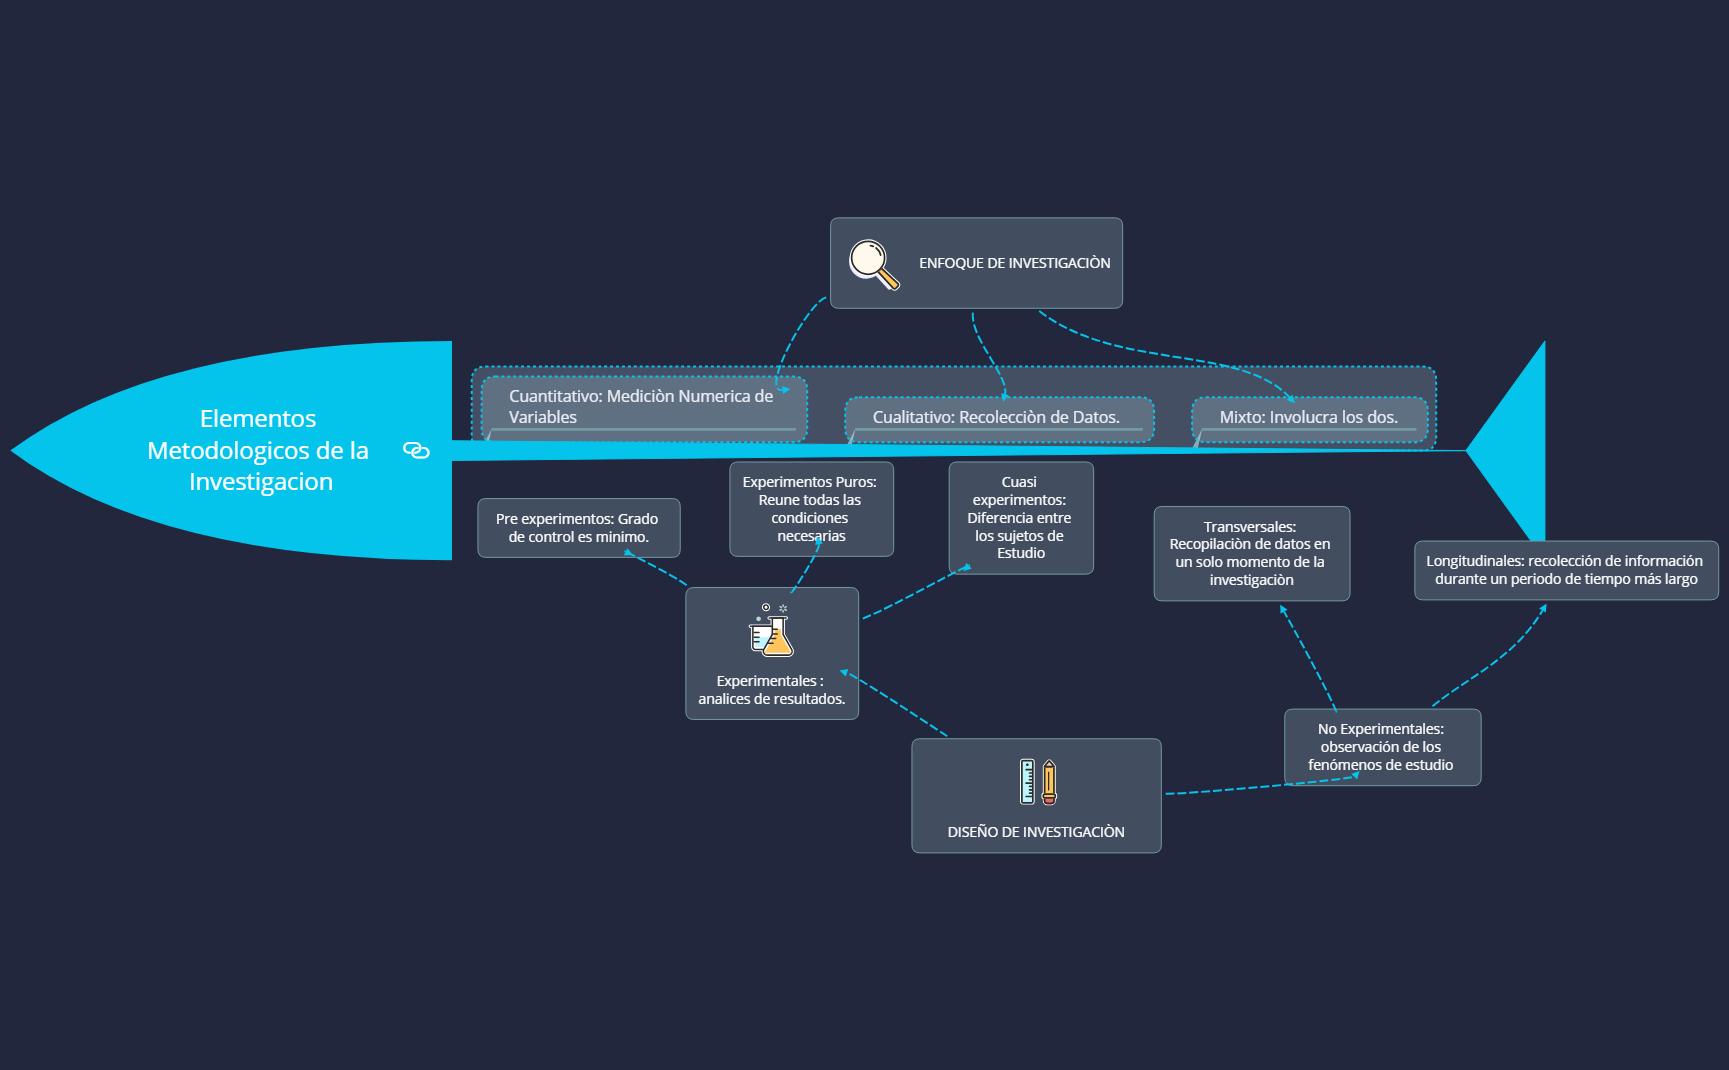 Elementos Metodologicos de la Investigacion